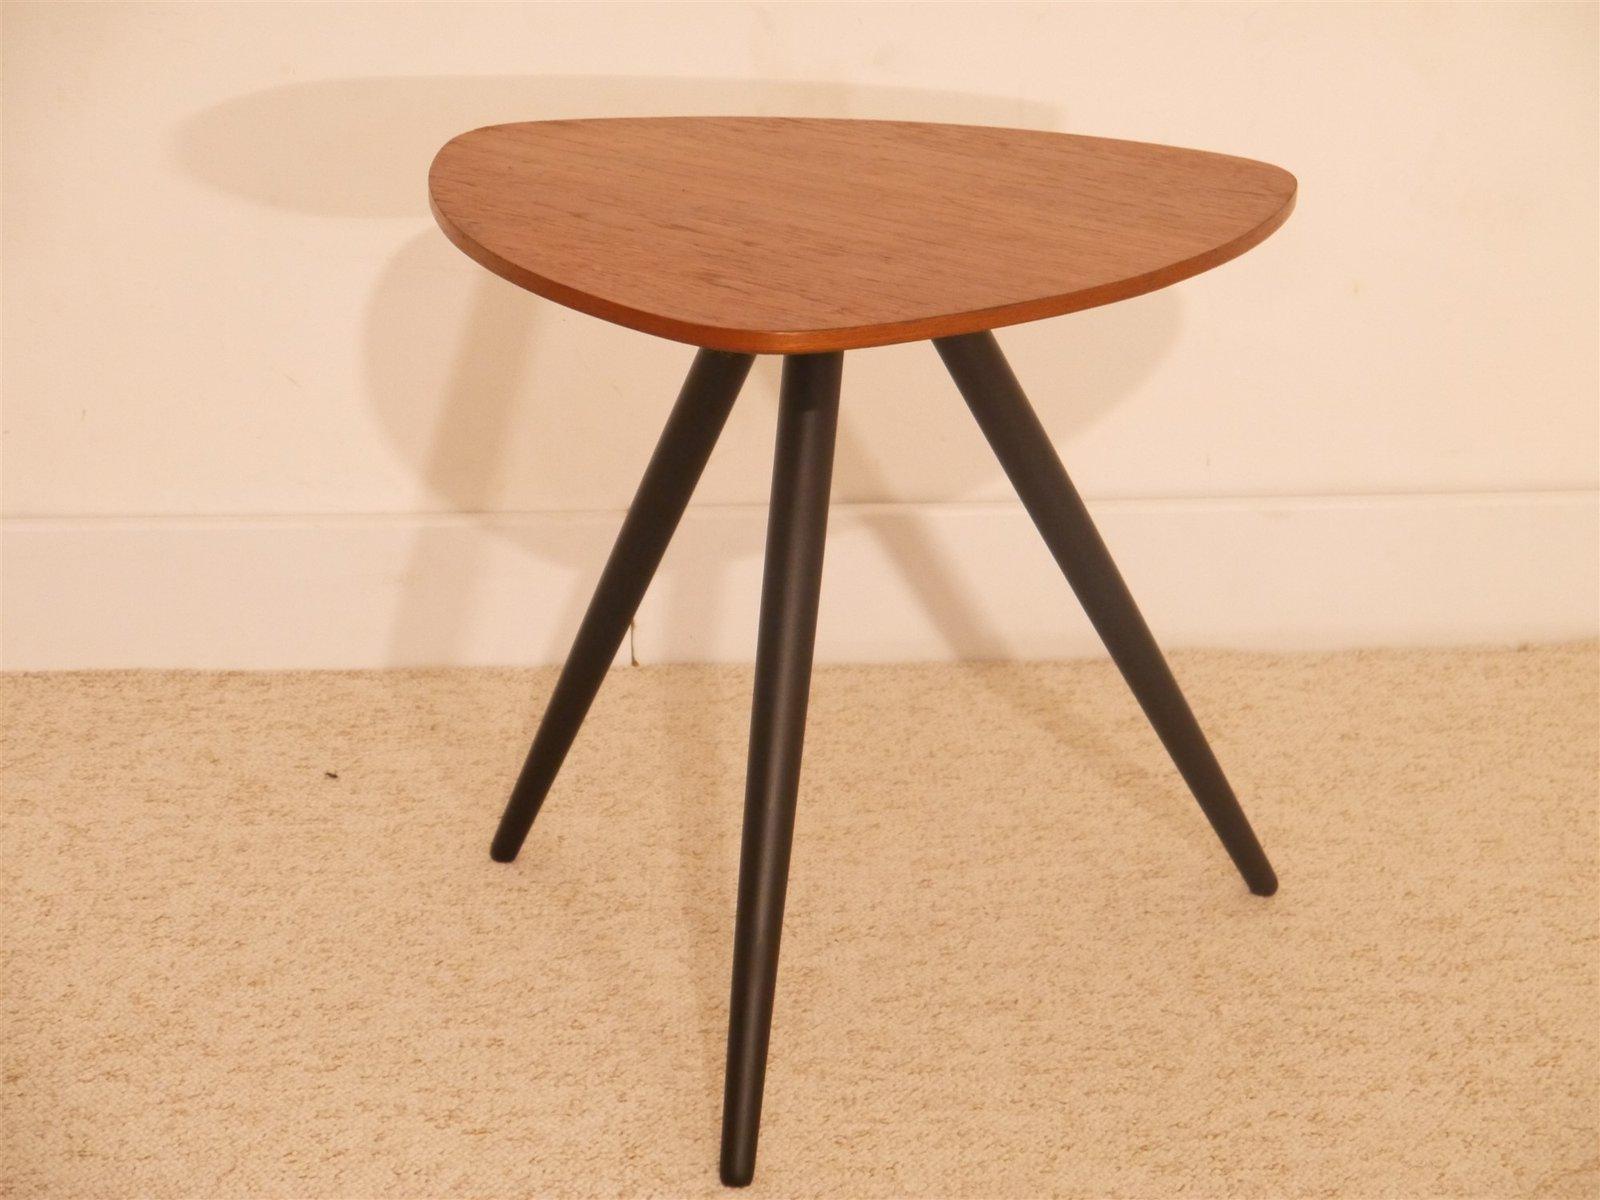 skandinavischer vintage dreibein beistelltisch aus teakholz bei pamono kaufen. Black Bedroom Furniture Sets. Home Design Ideas